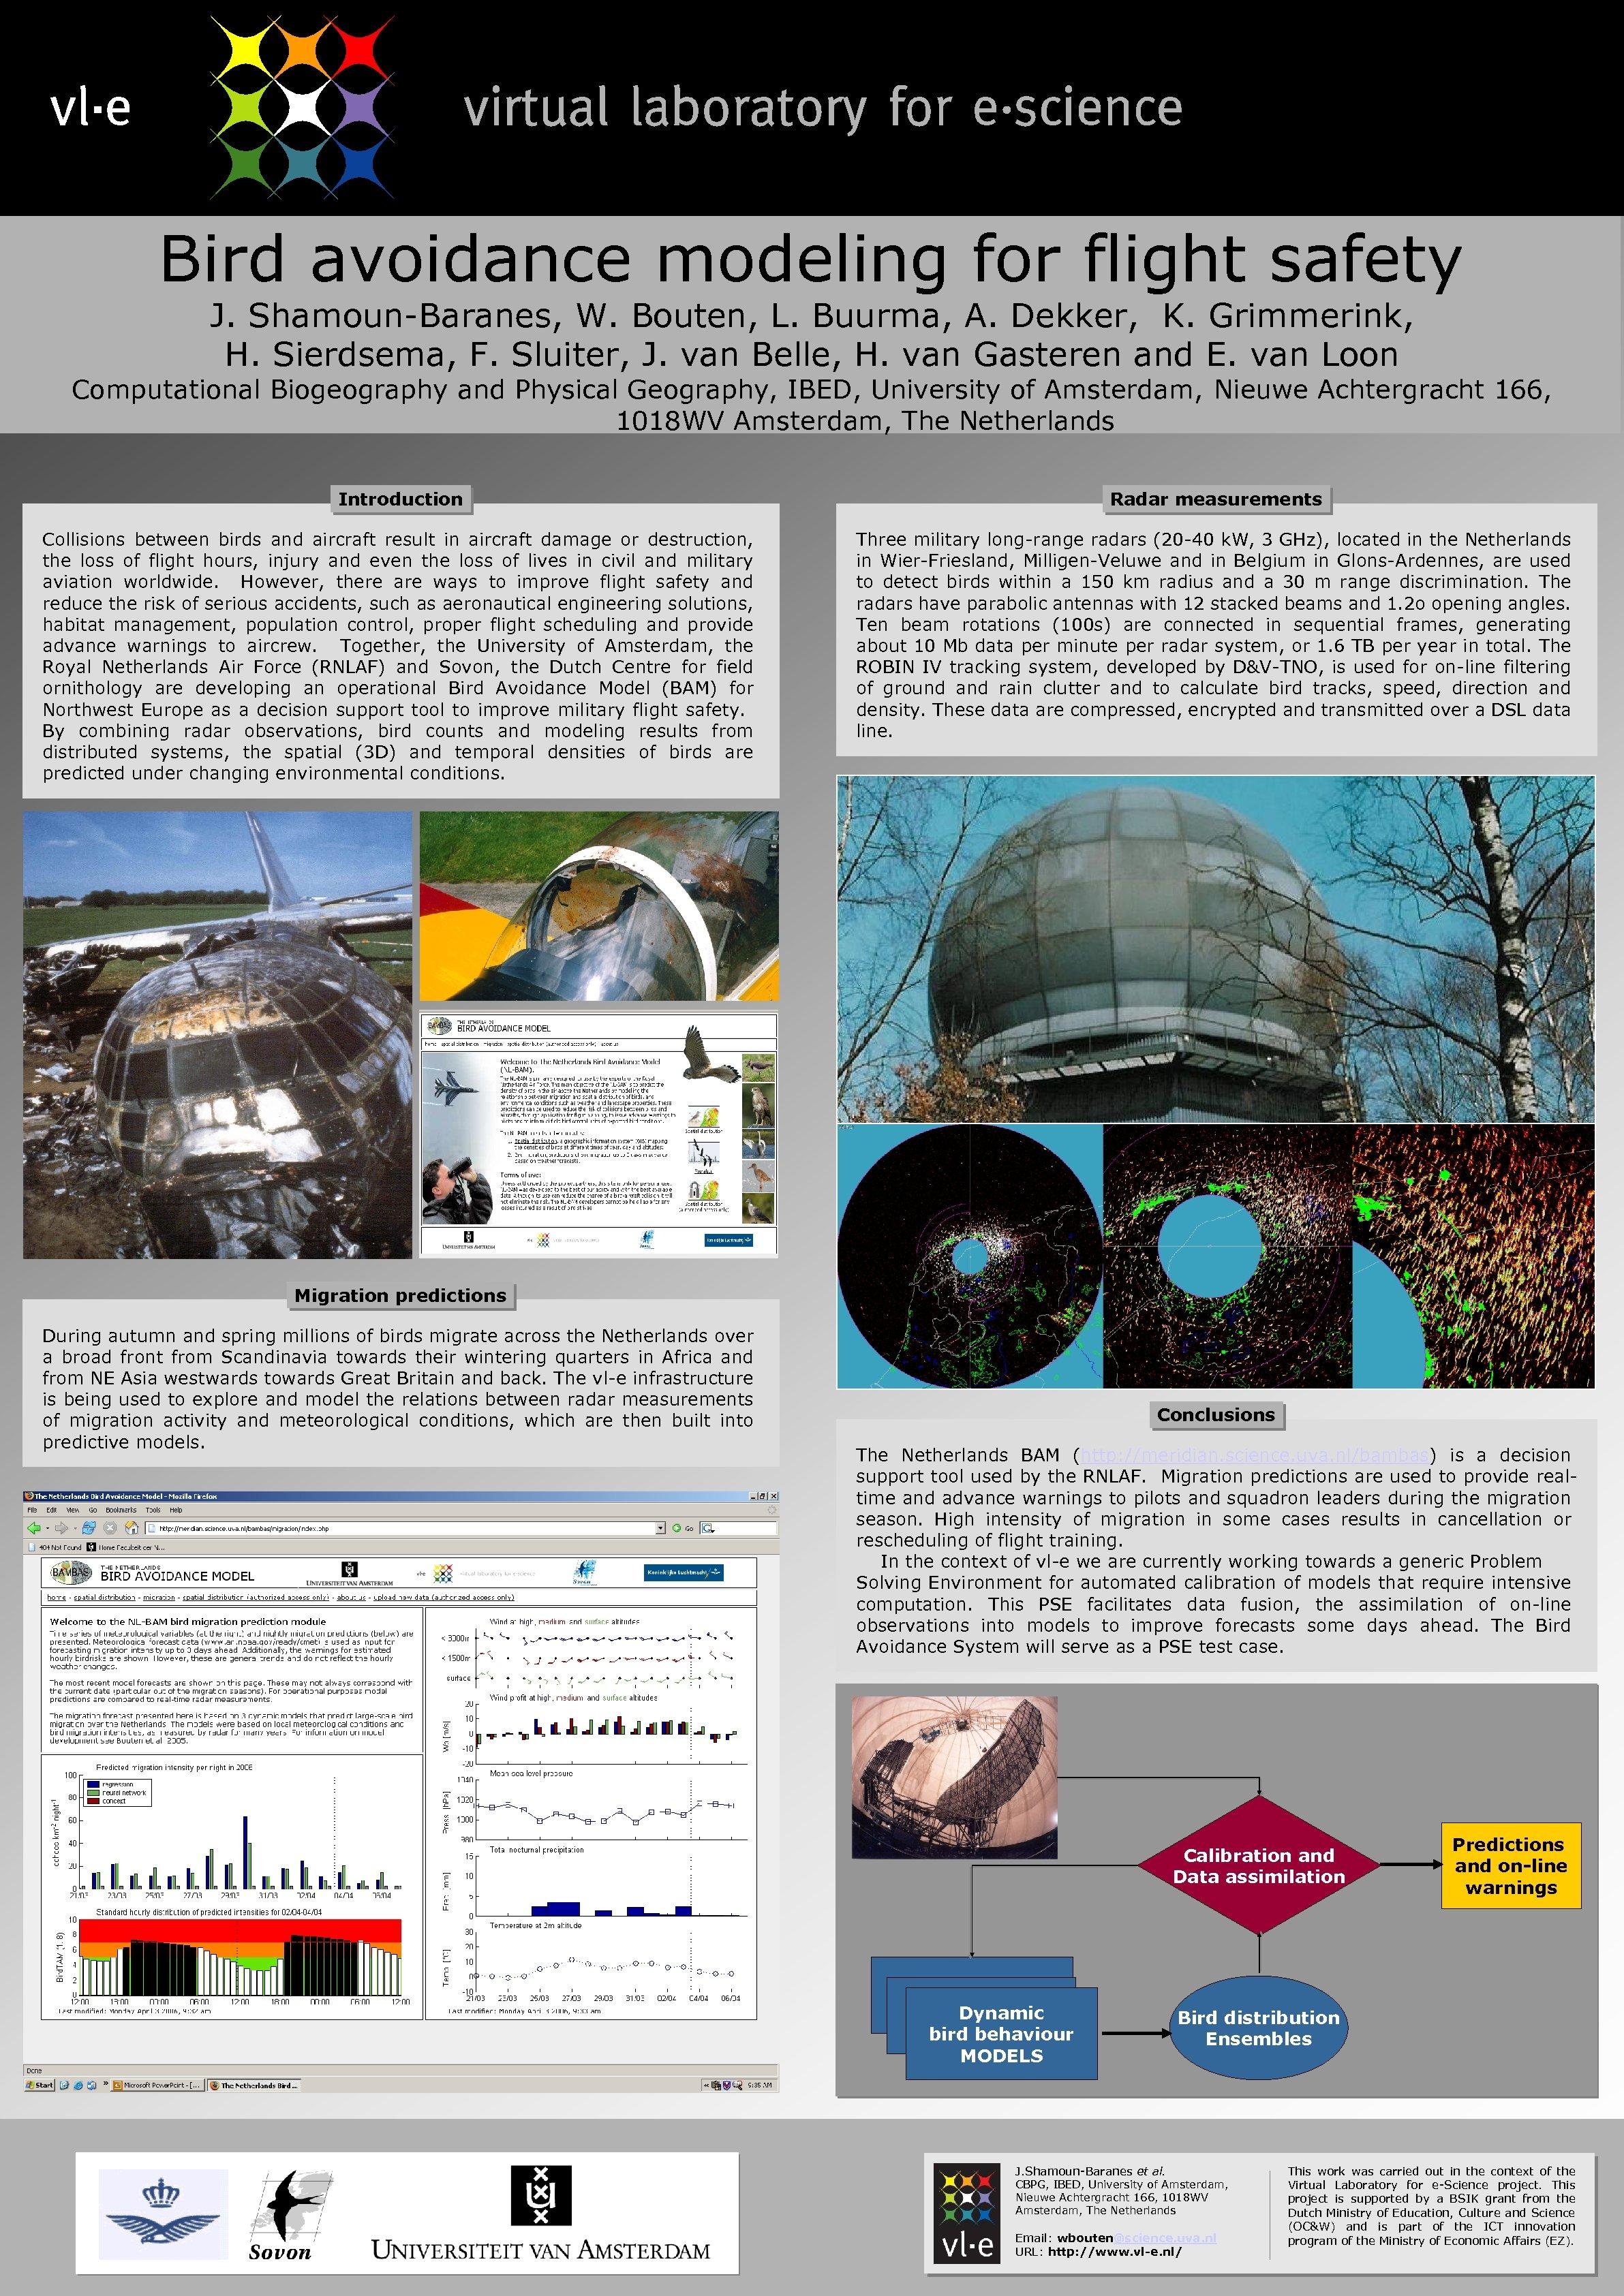 Bird avoidance modeling for flight safety J. Shamoun-Baranes, W. Bouten, L. Buurma, A. Dekker,